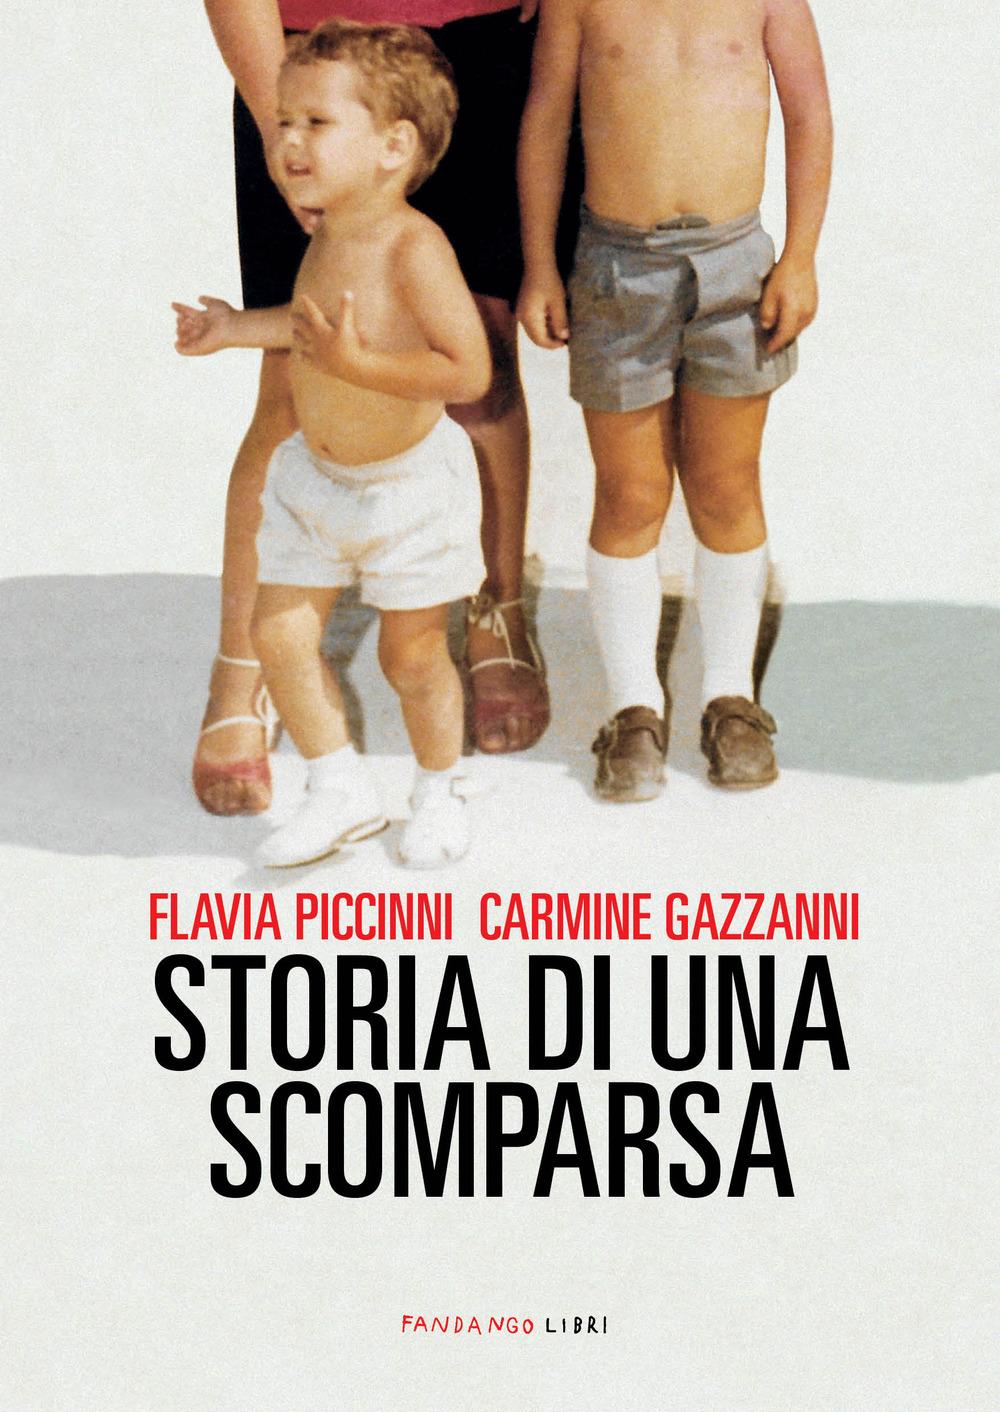 STORIA DI UNA SCOMPARSA - Piccinni Flavia; Gazzani Carmine - 9788860447500